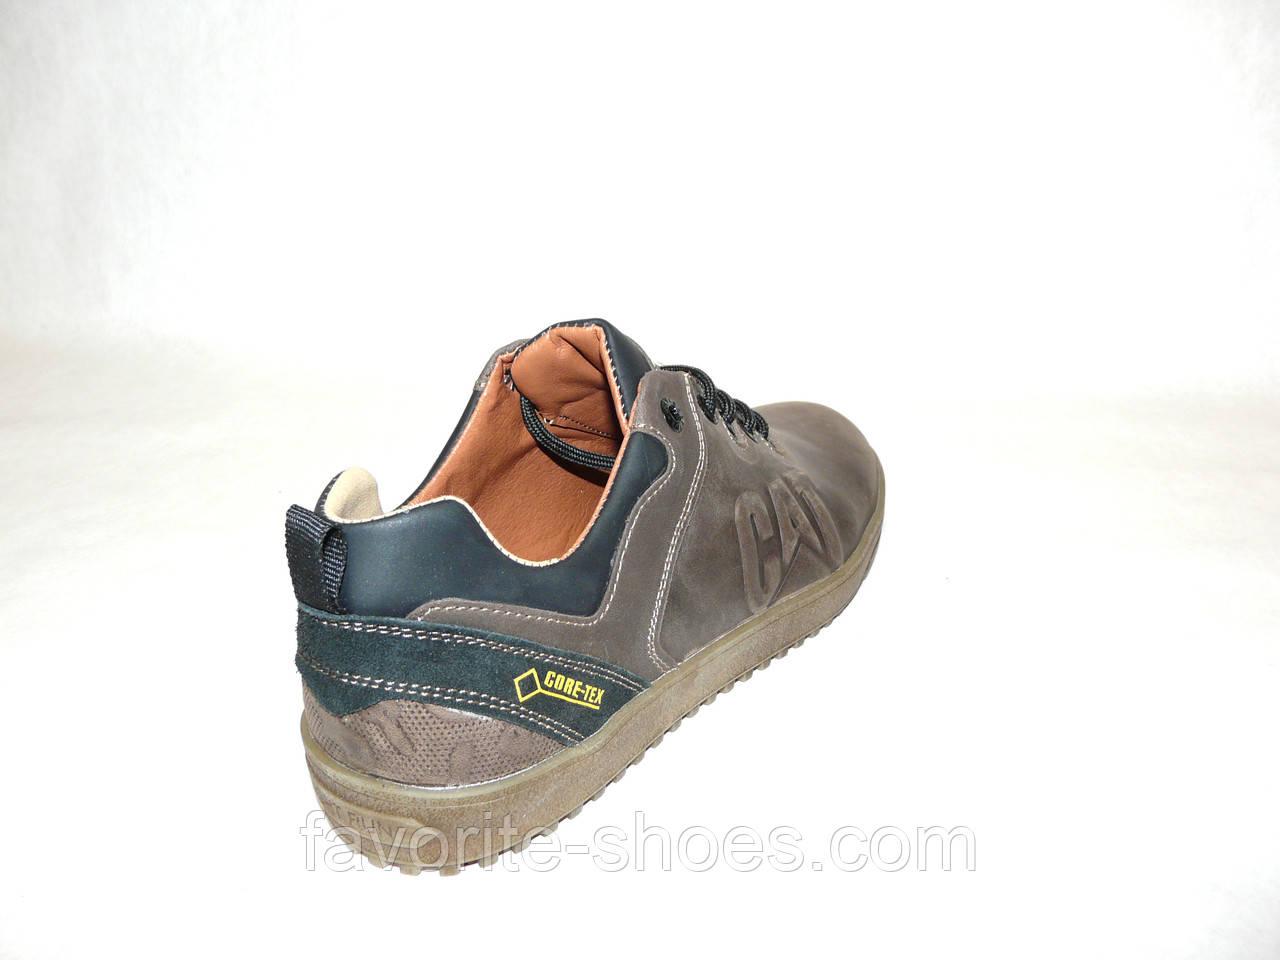 c82d09af Кожаные мужские кроссовки CAT кор.каучук 42 размер: продажа, цена в ...